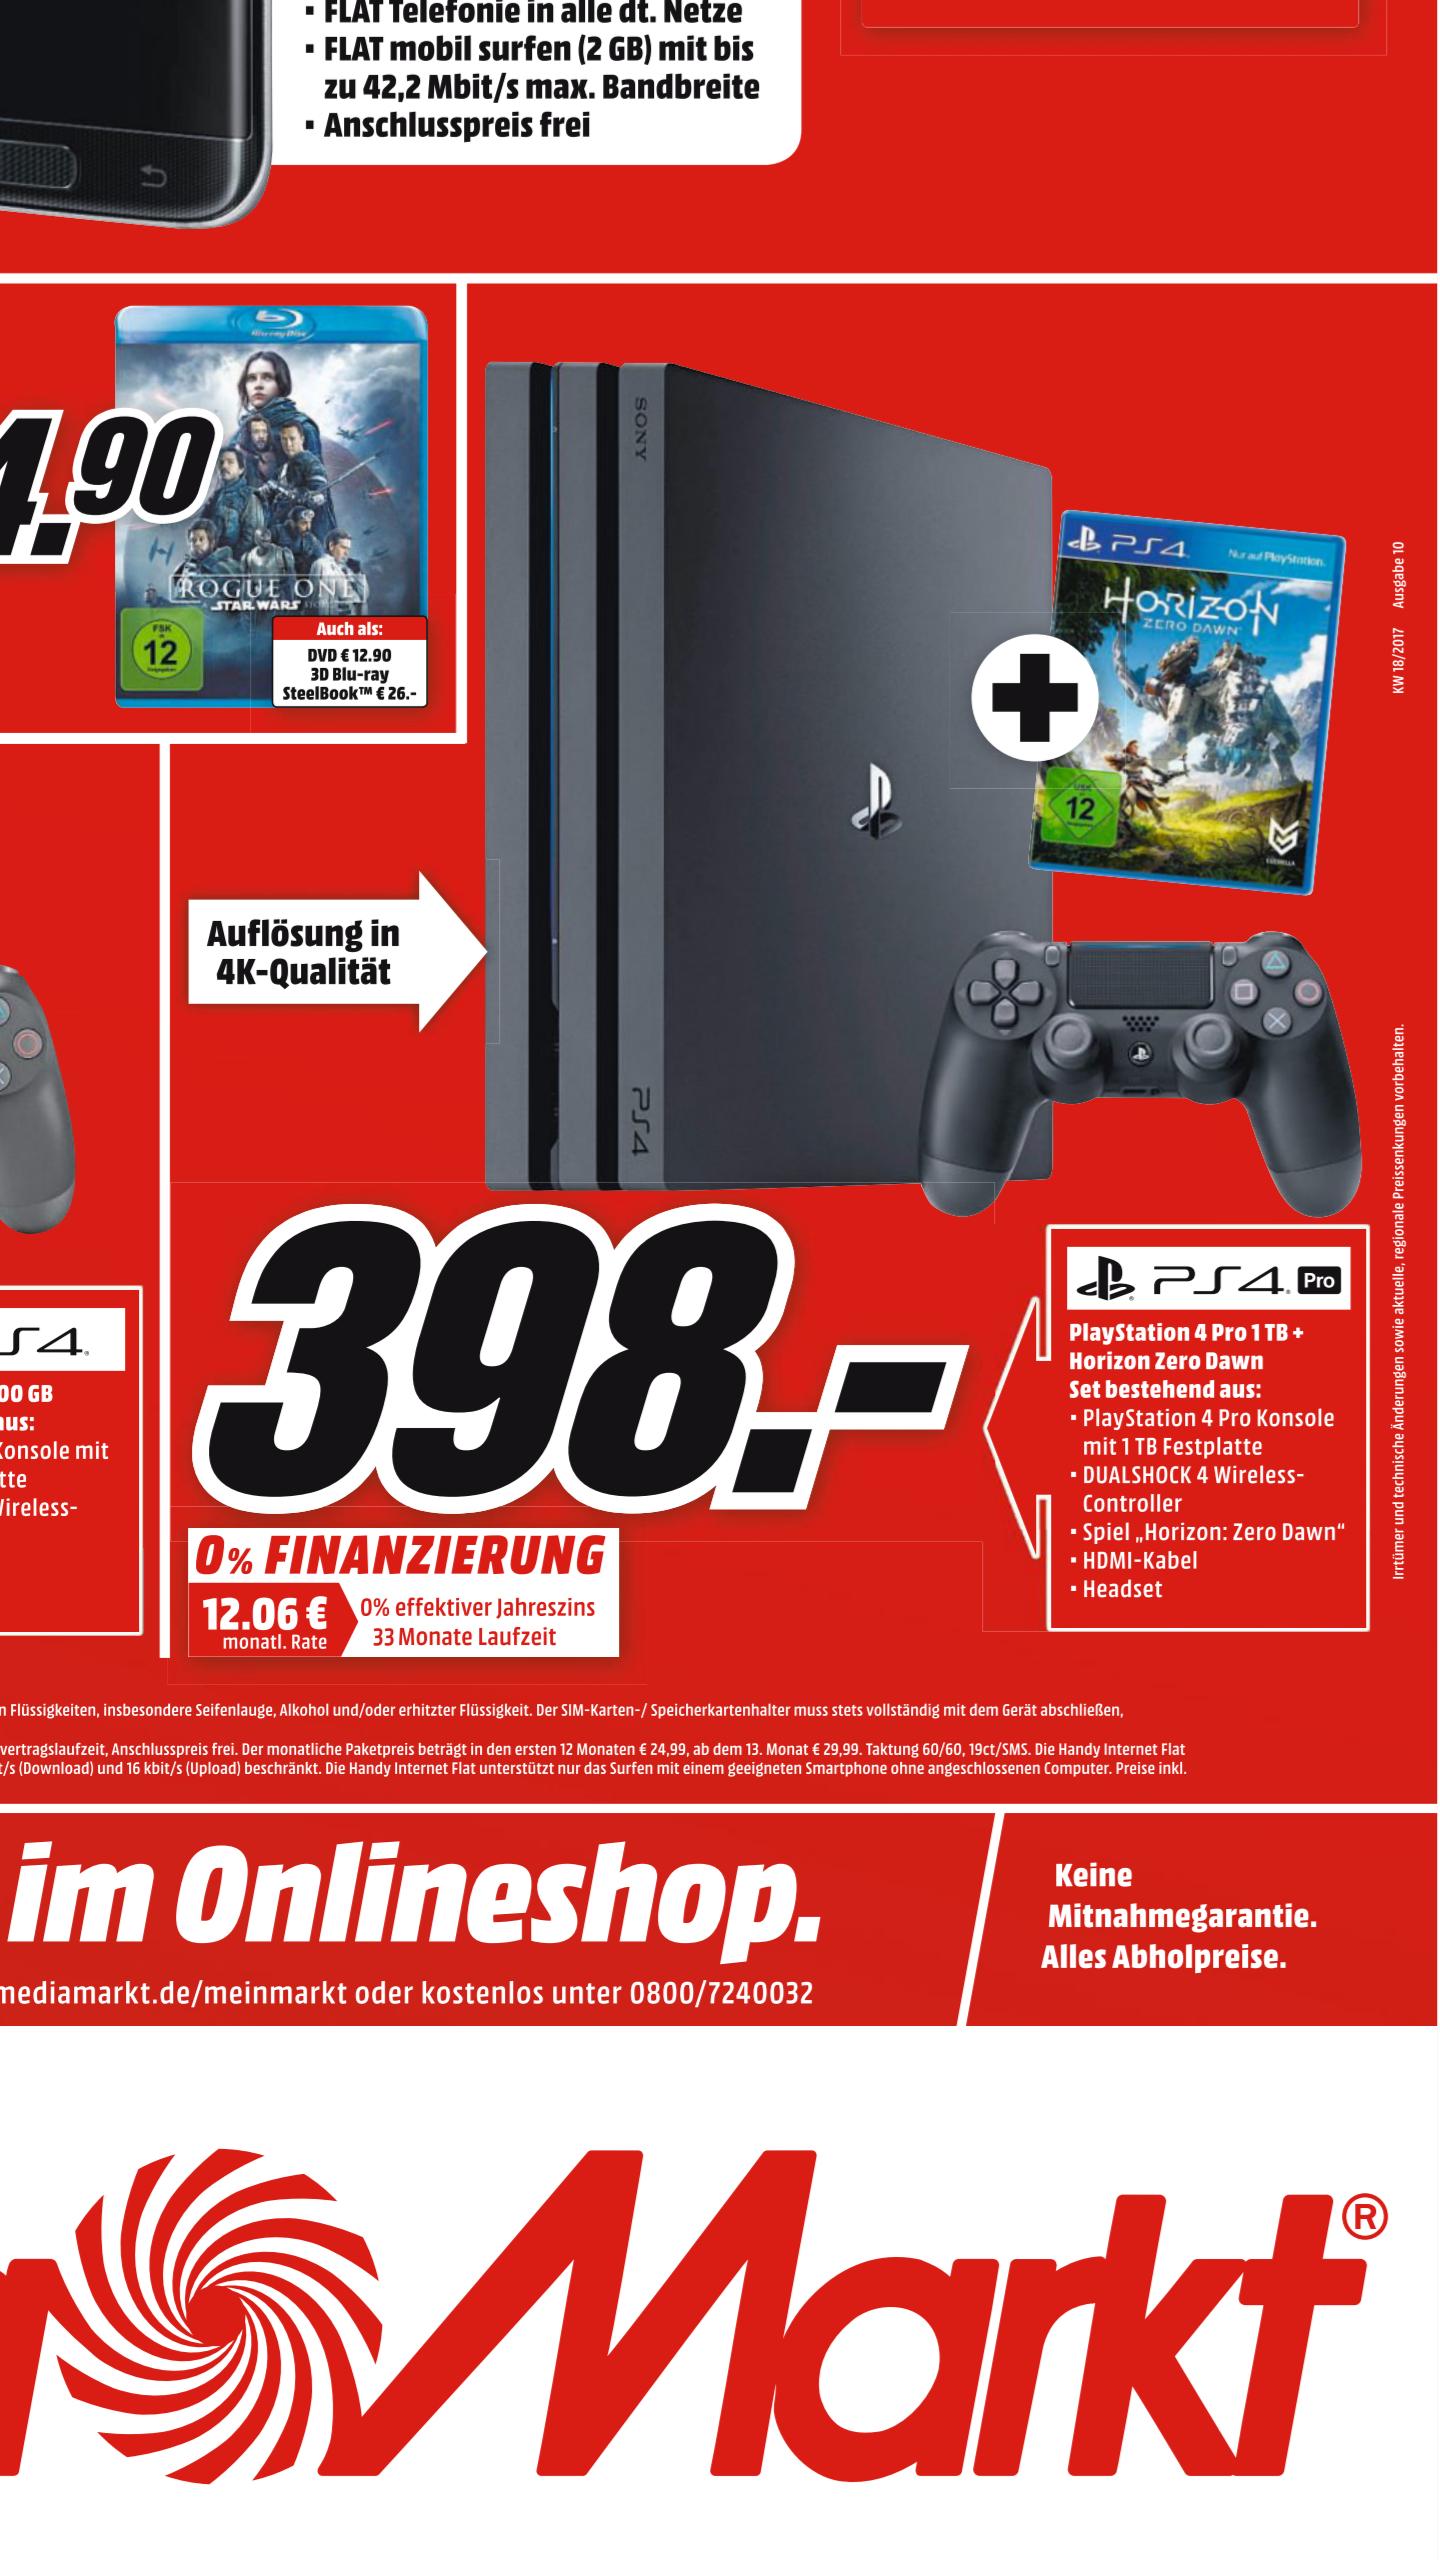 Od 03.05 w niemieckim mediamarkt PlayStation 4 pro plus Horizon Zero Down